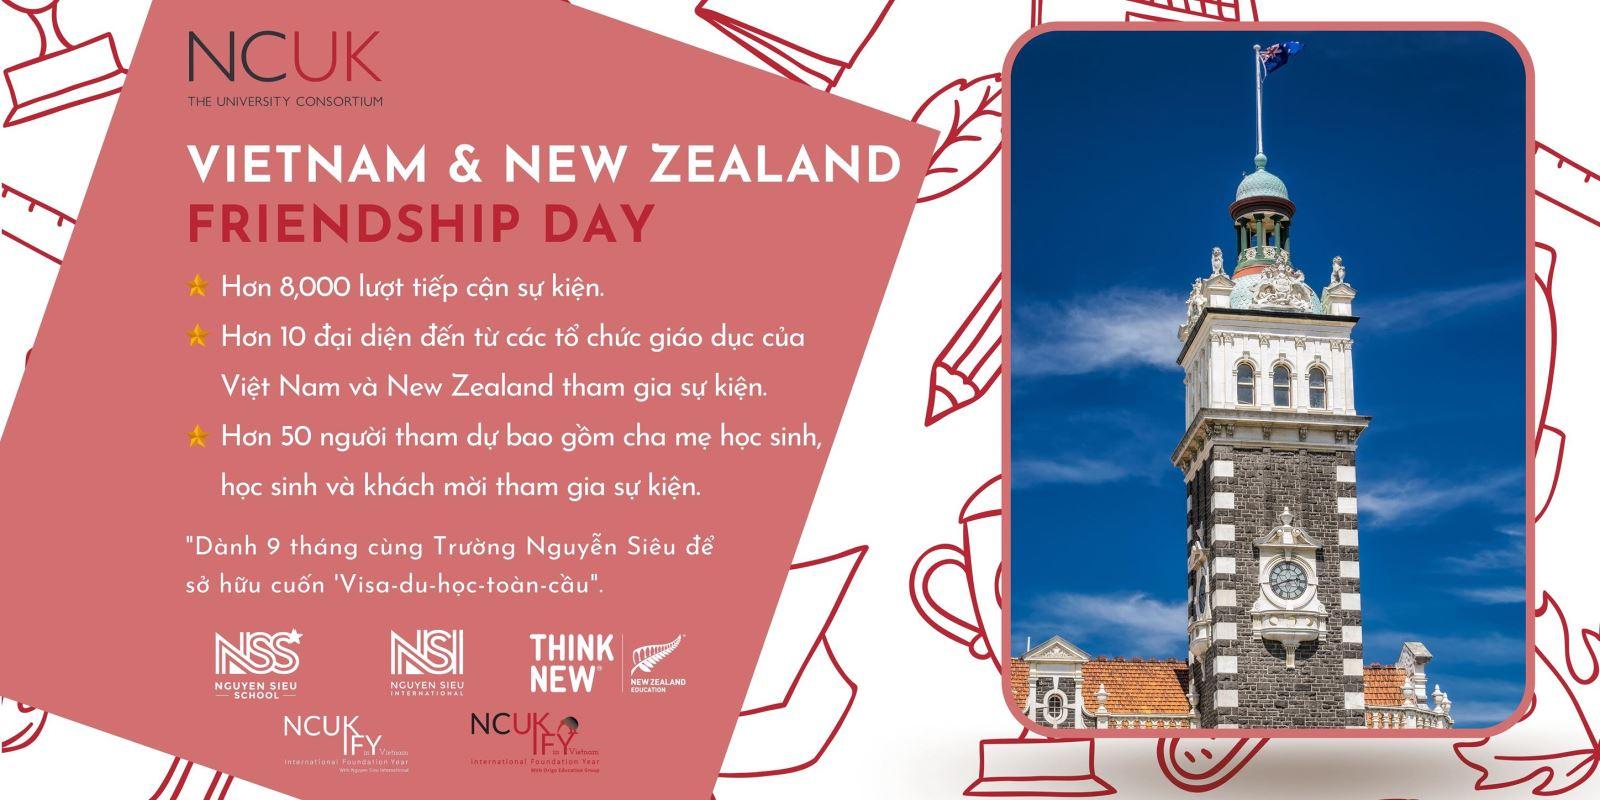 Tổng kết Ngày Hữu nghị Việt Nam và New Zealand